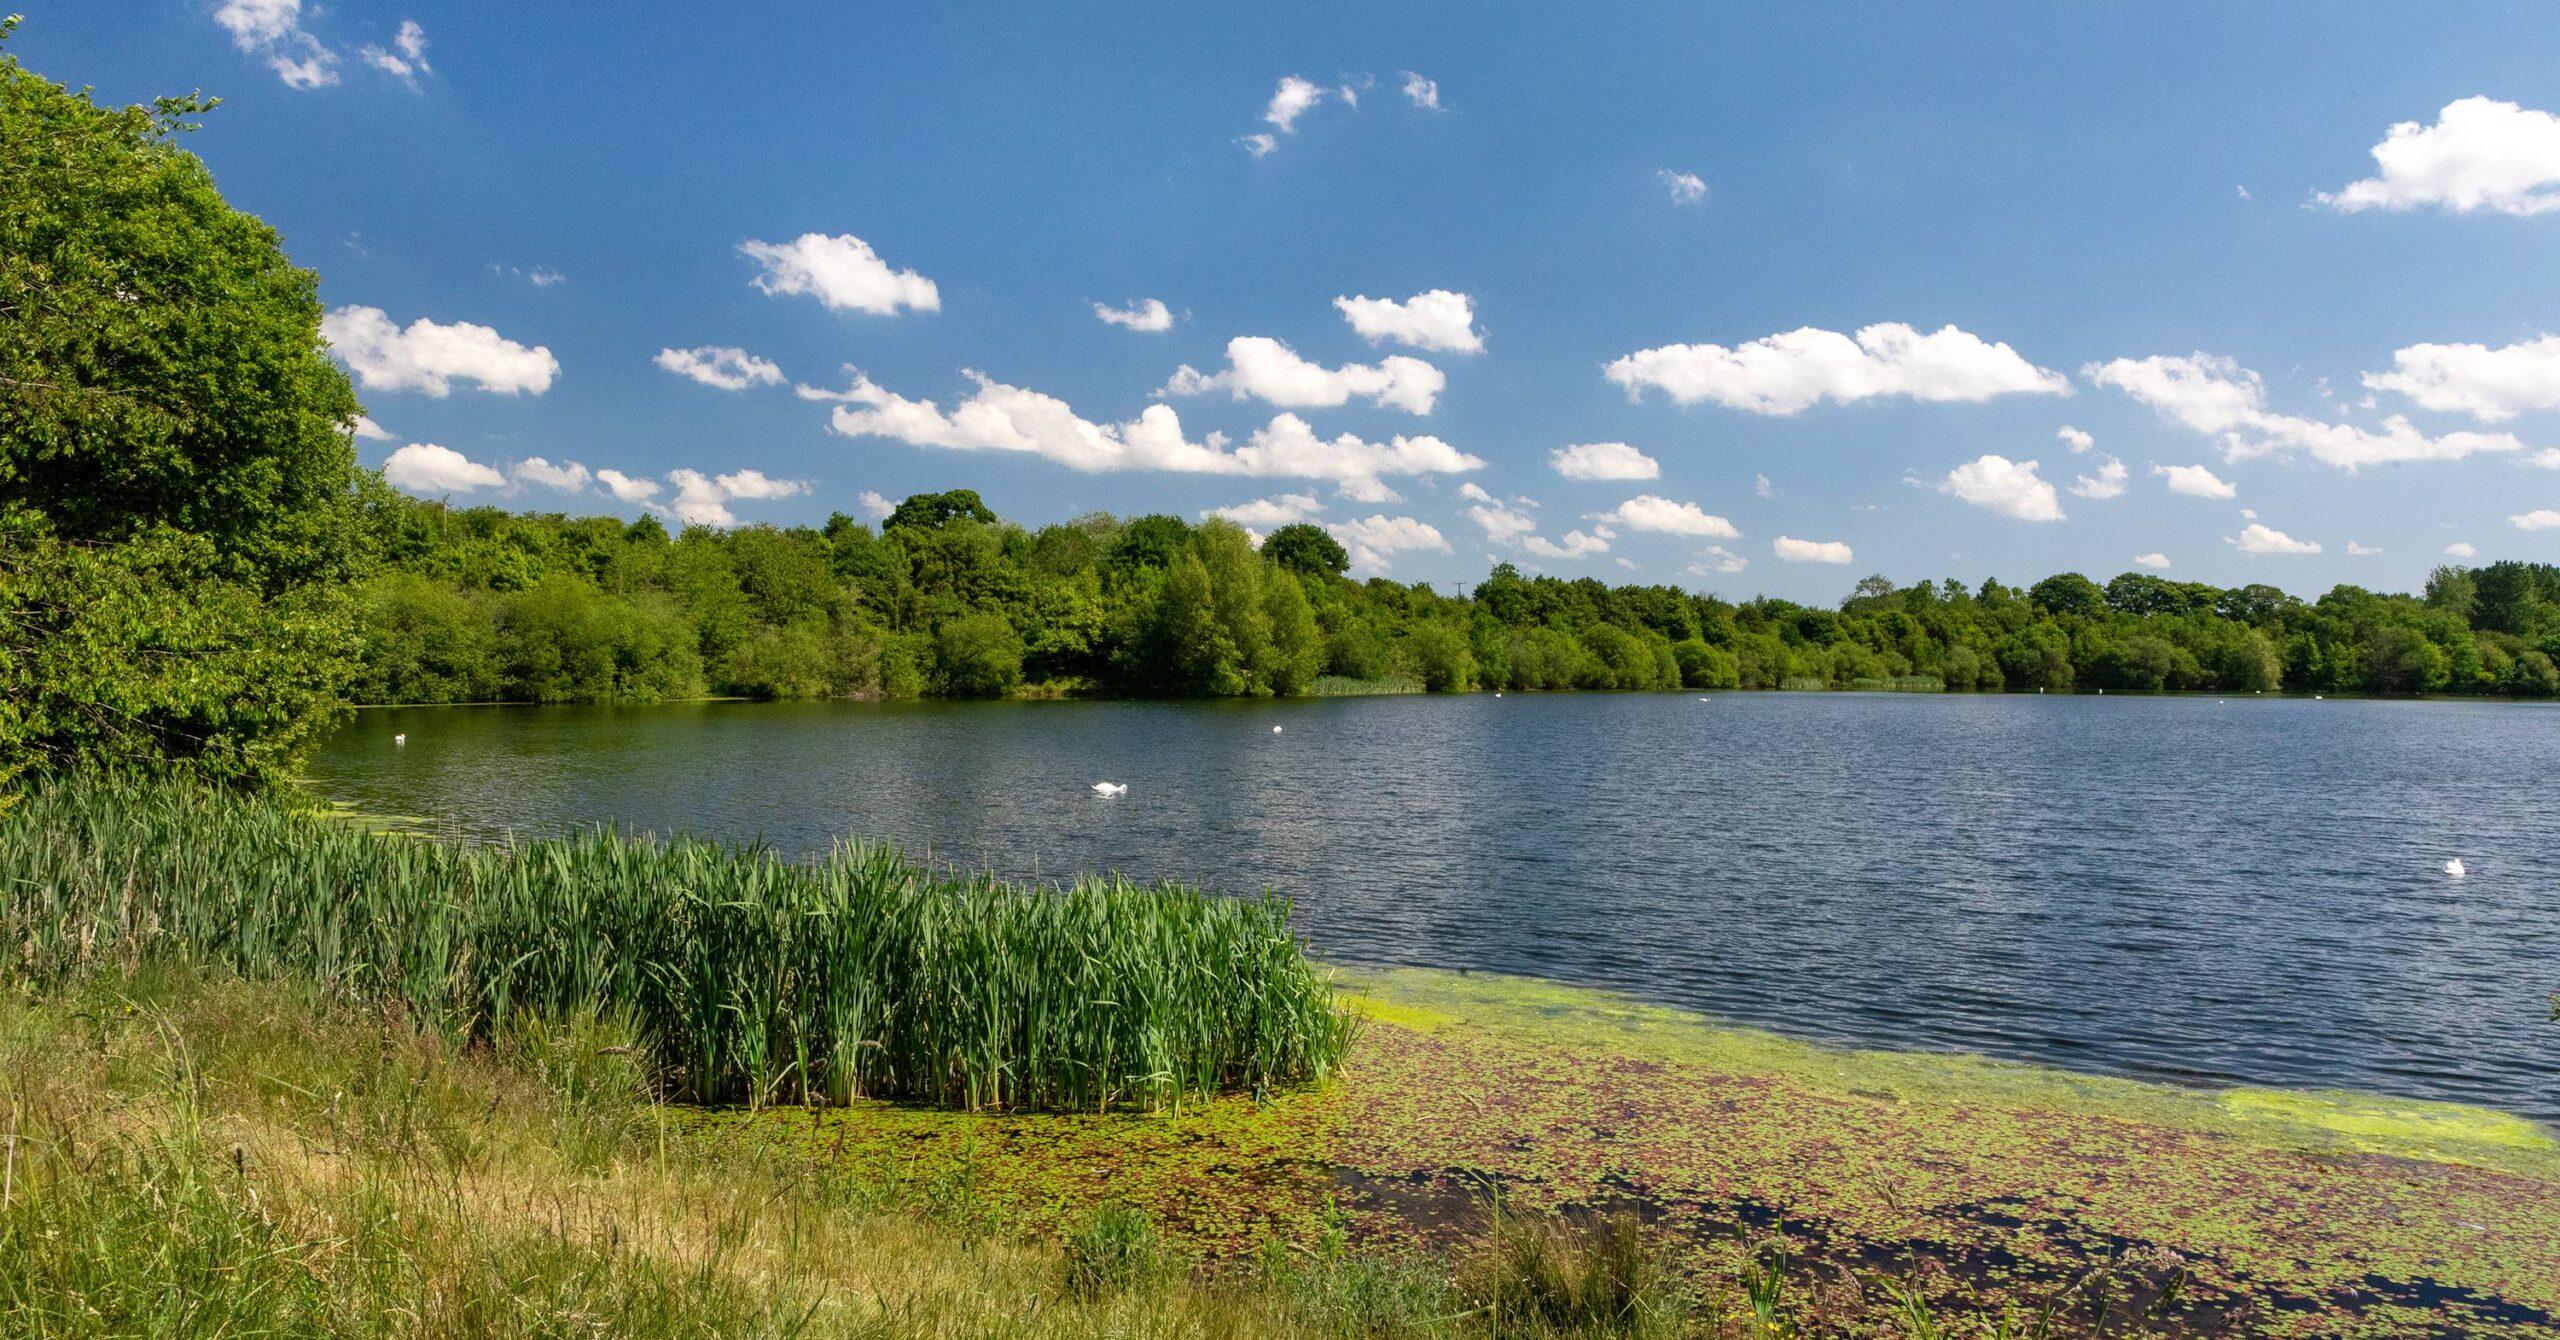 170 Knaresborough homes 'catastrophic' for Hay-a-Park wildlife